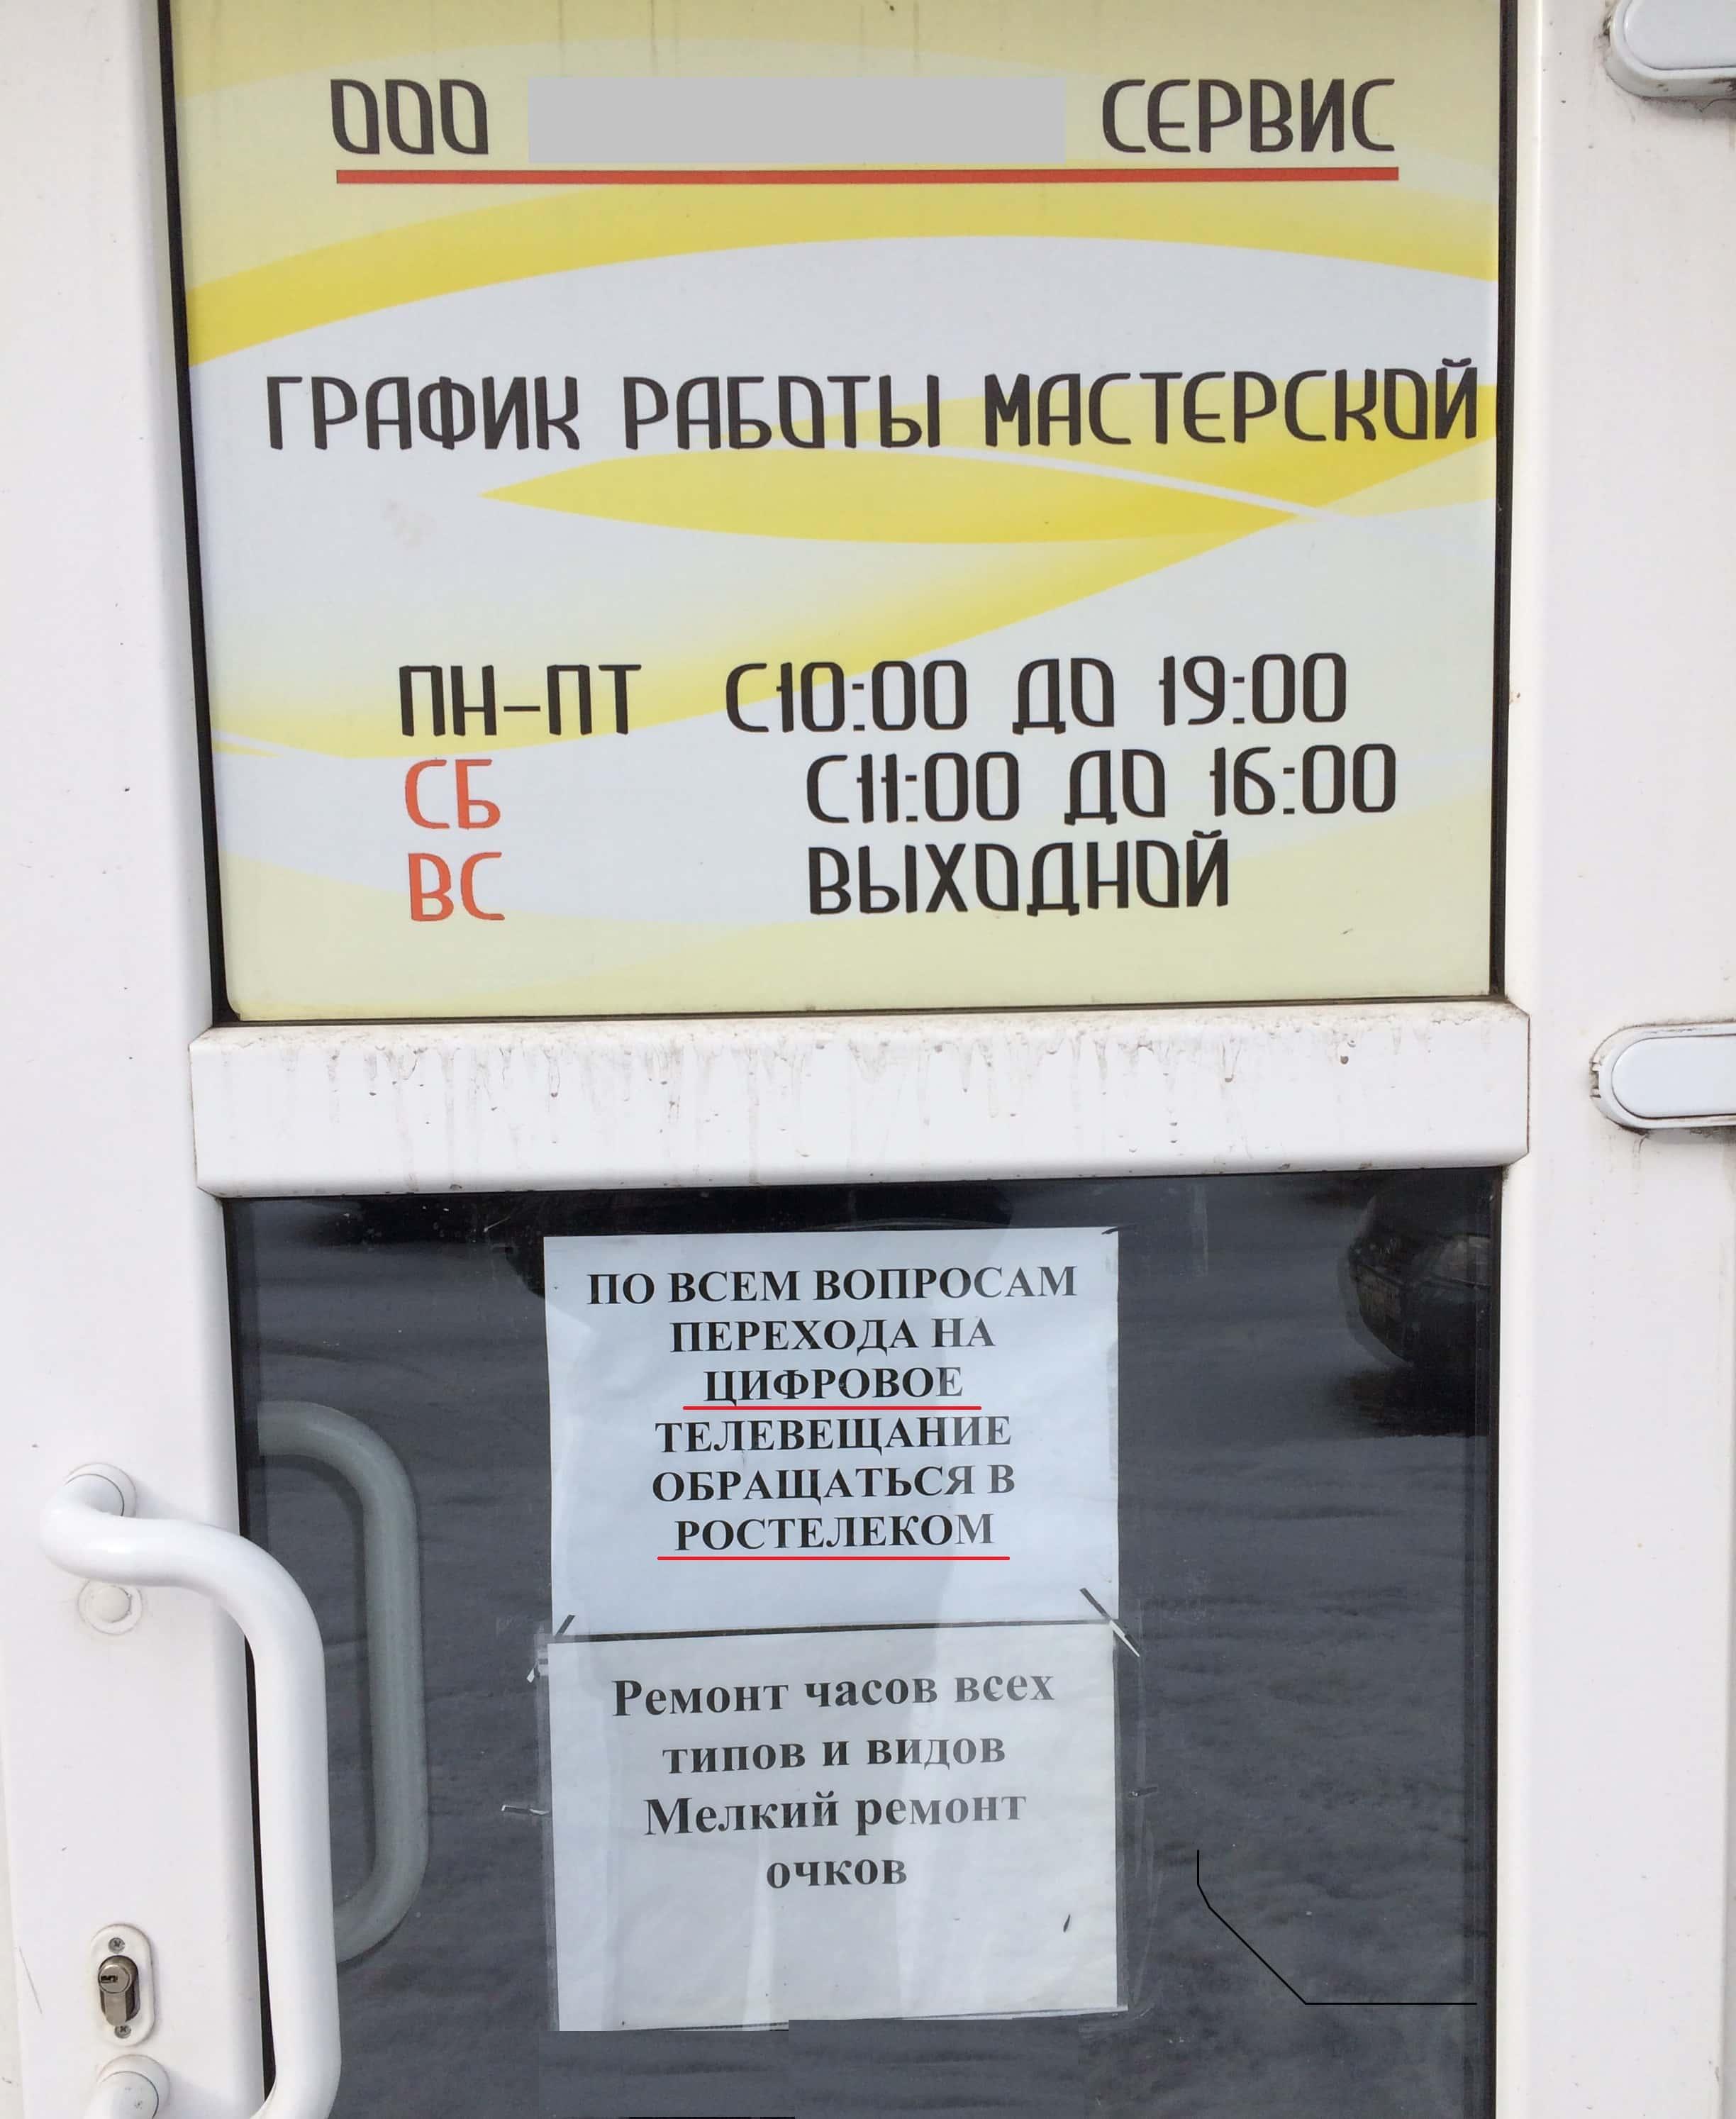 po-voprosam-perekhoda-na-cifrovoe-televeshchanie-obrashchatsya-v-Rostelekom.jpg